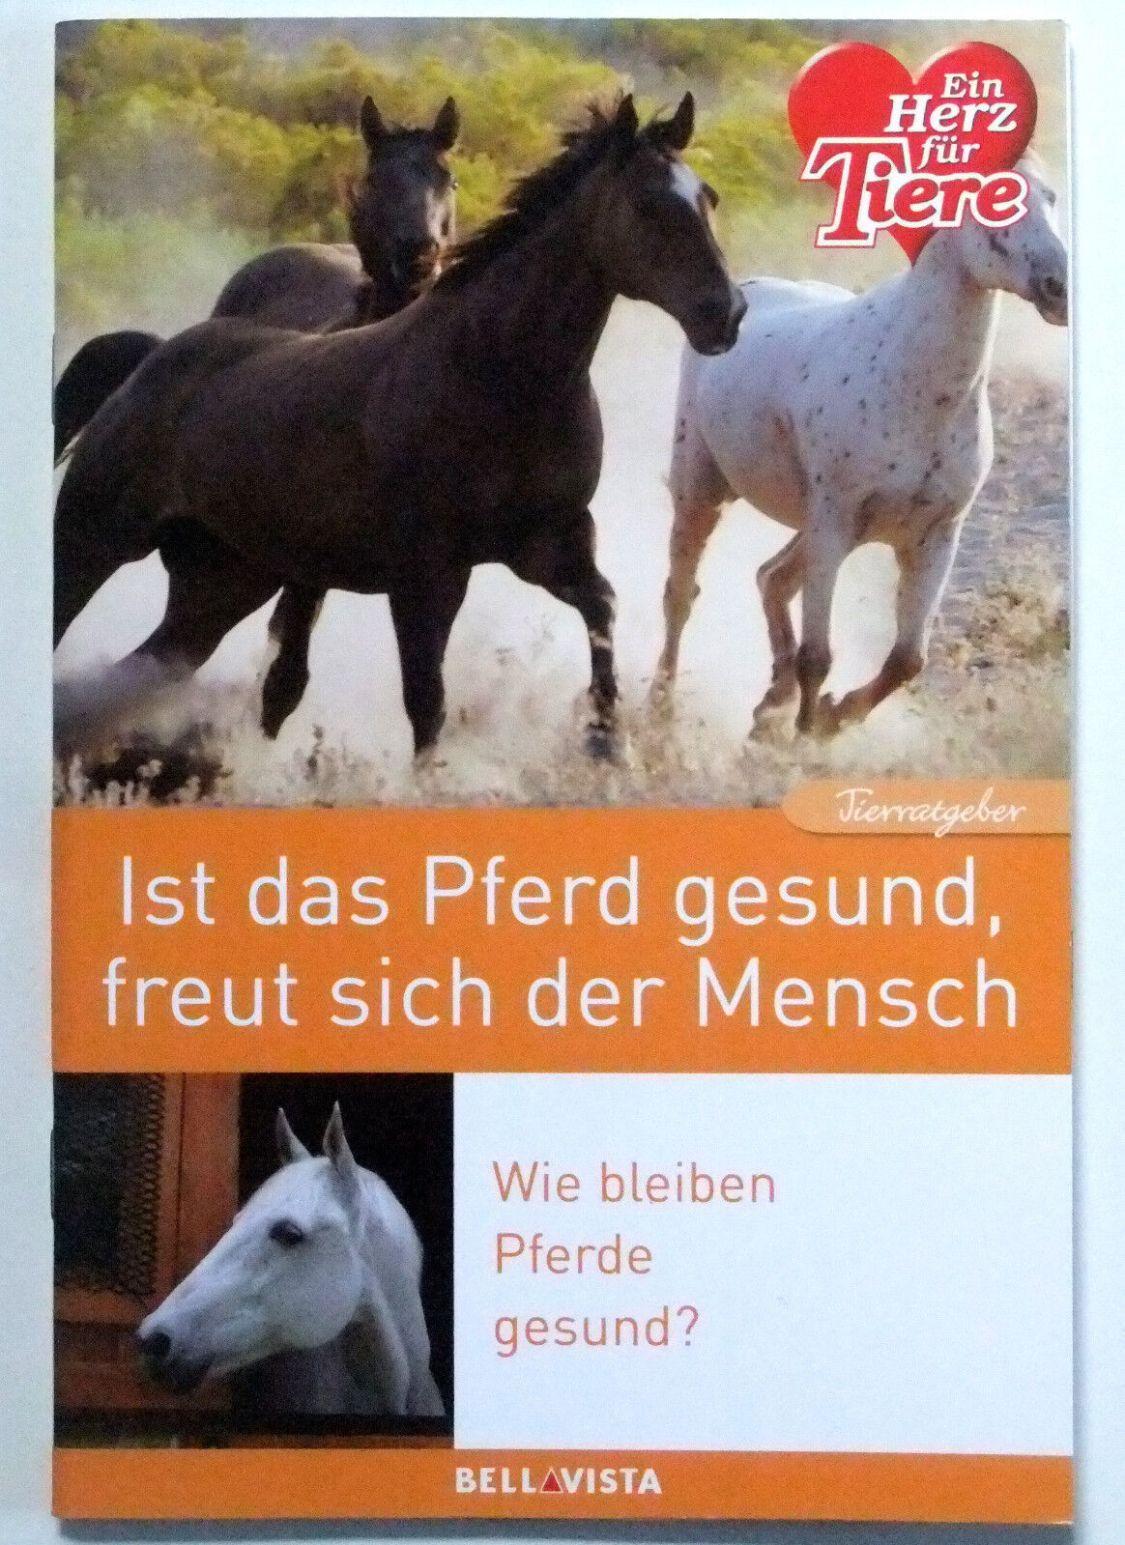 Pferde - Ratgeber - Ein Herz für Tiere Buch - Gesundheit Krankheiten Erste Hilfe